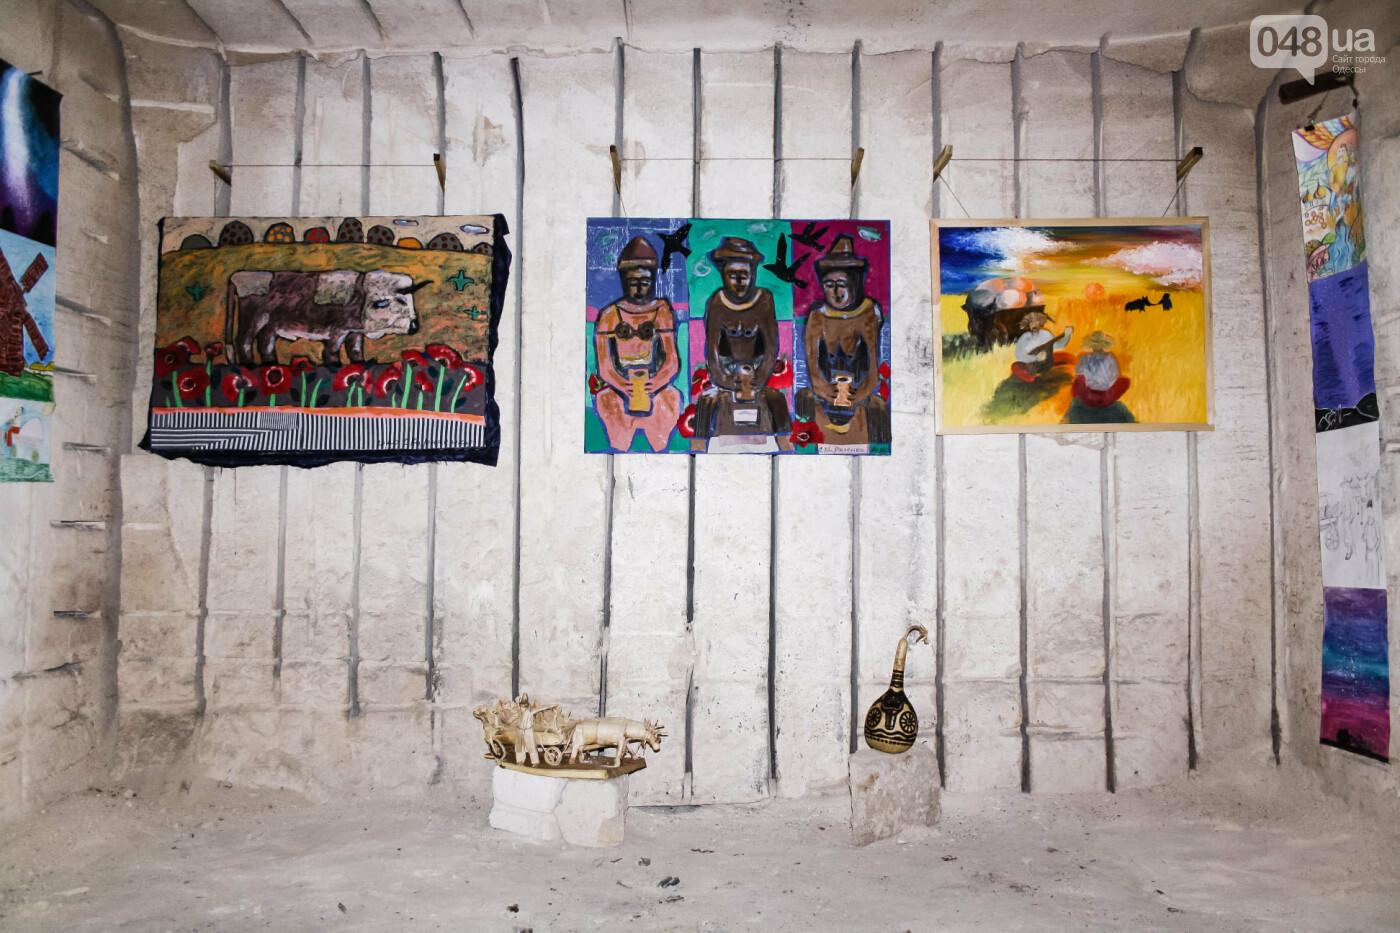 В Одесской области открылась выставка под землей,-ФОТОРЕПОРТАЖ, фото-5